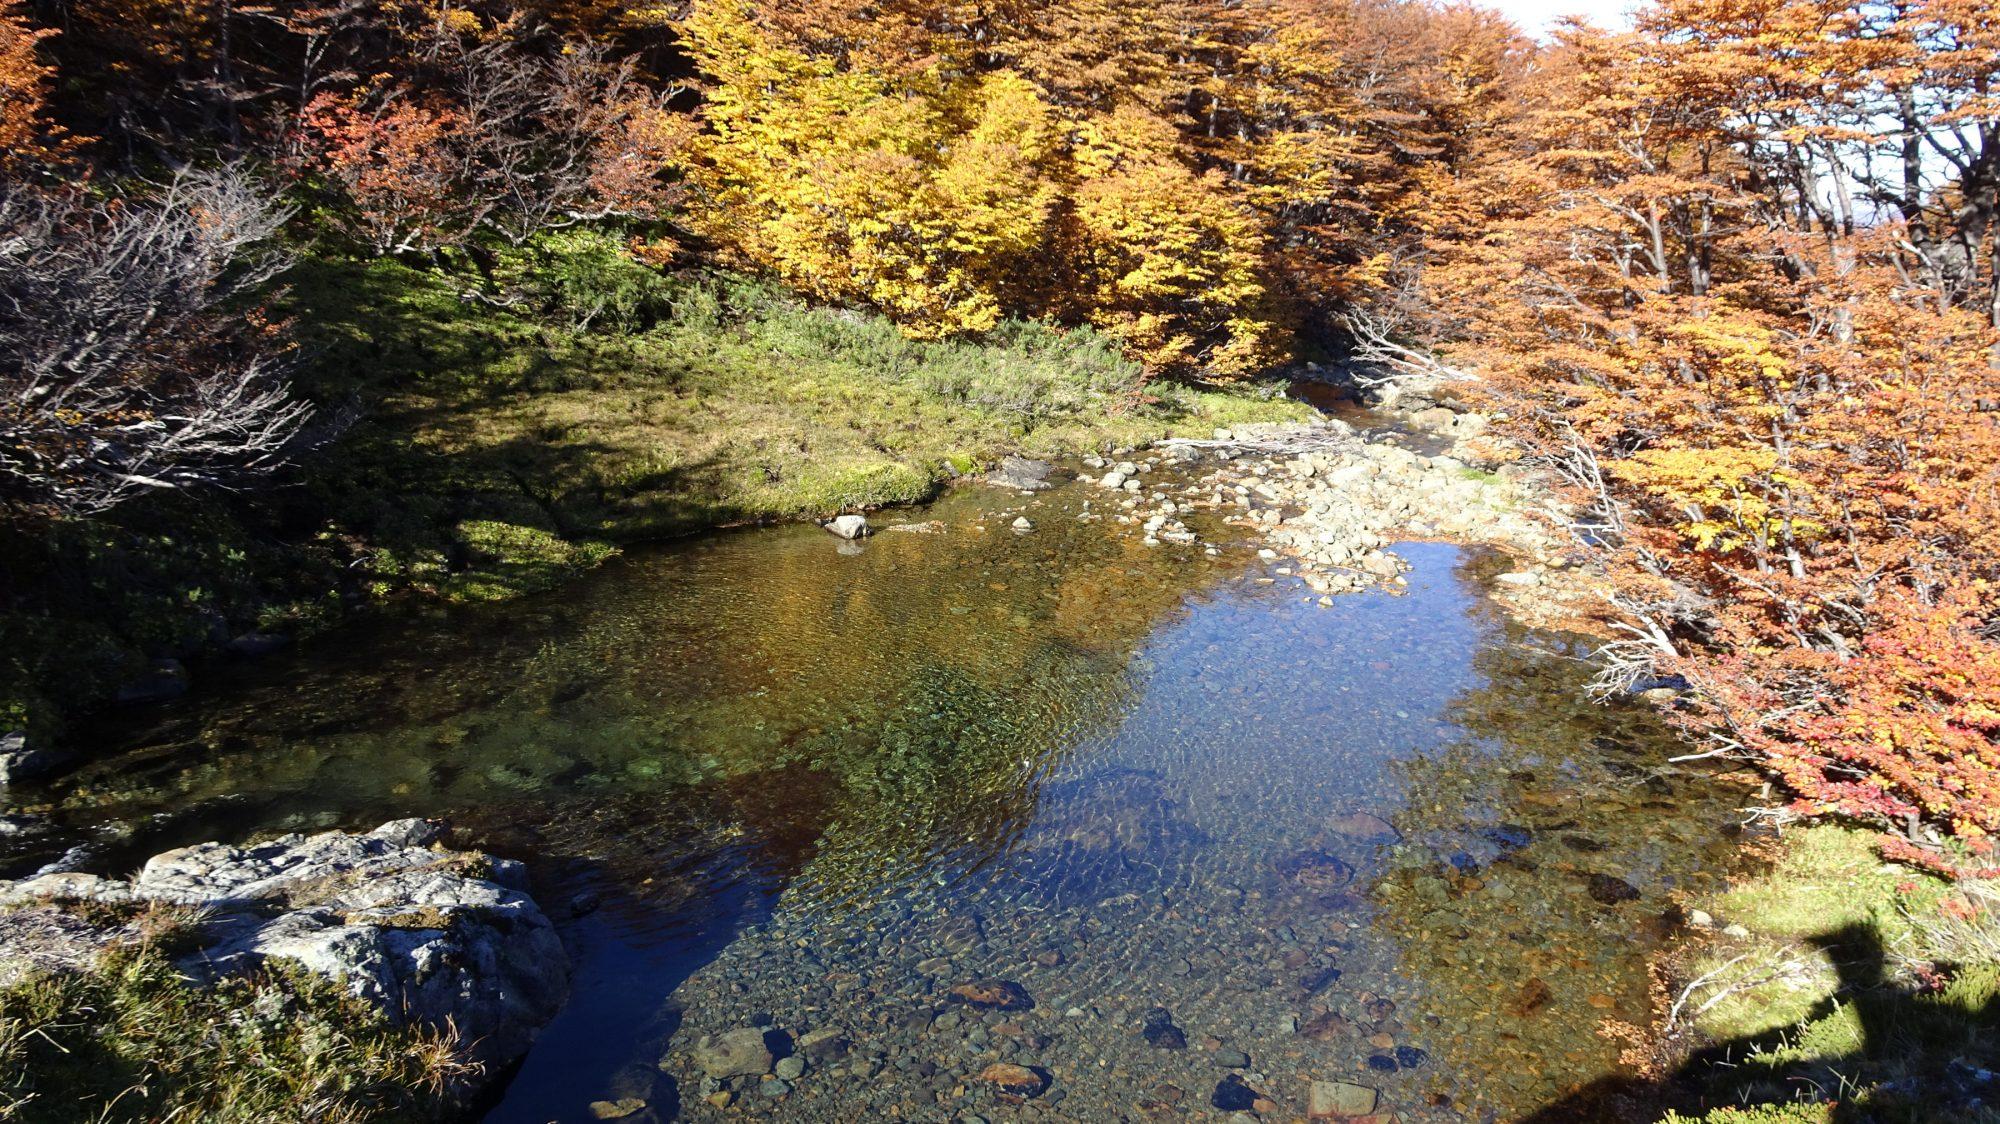 Fjella El Bolson Wanderung Patagonien Warton Dedo Gordo Encanto Blanco Wanderroute Wandern Bach Herbst